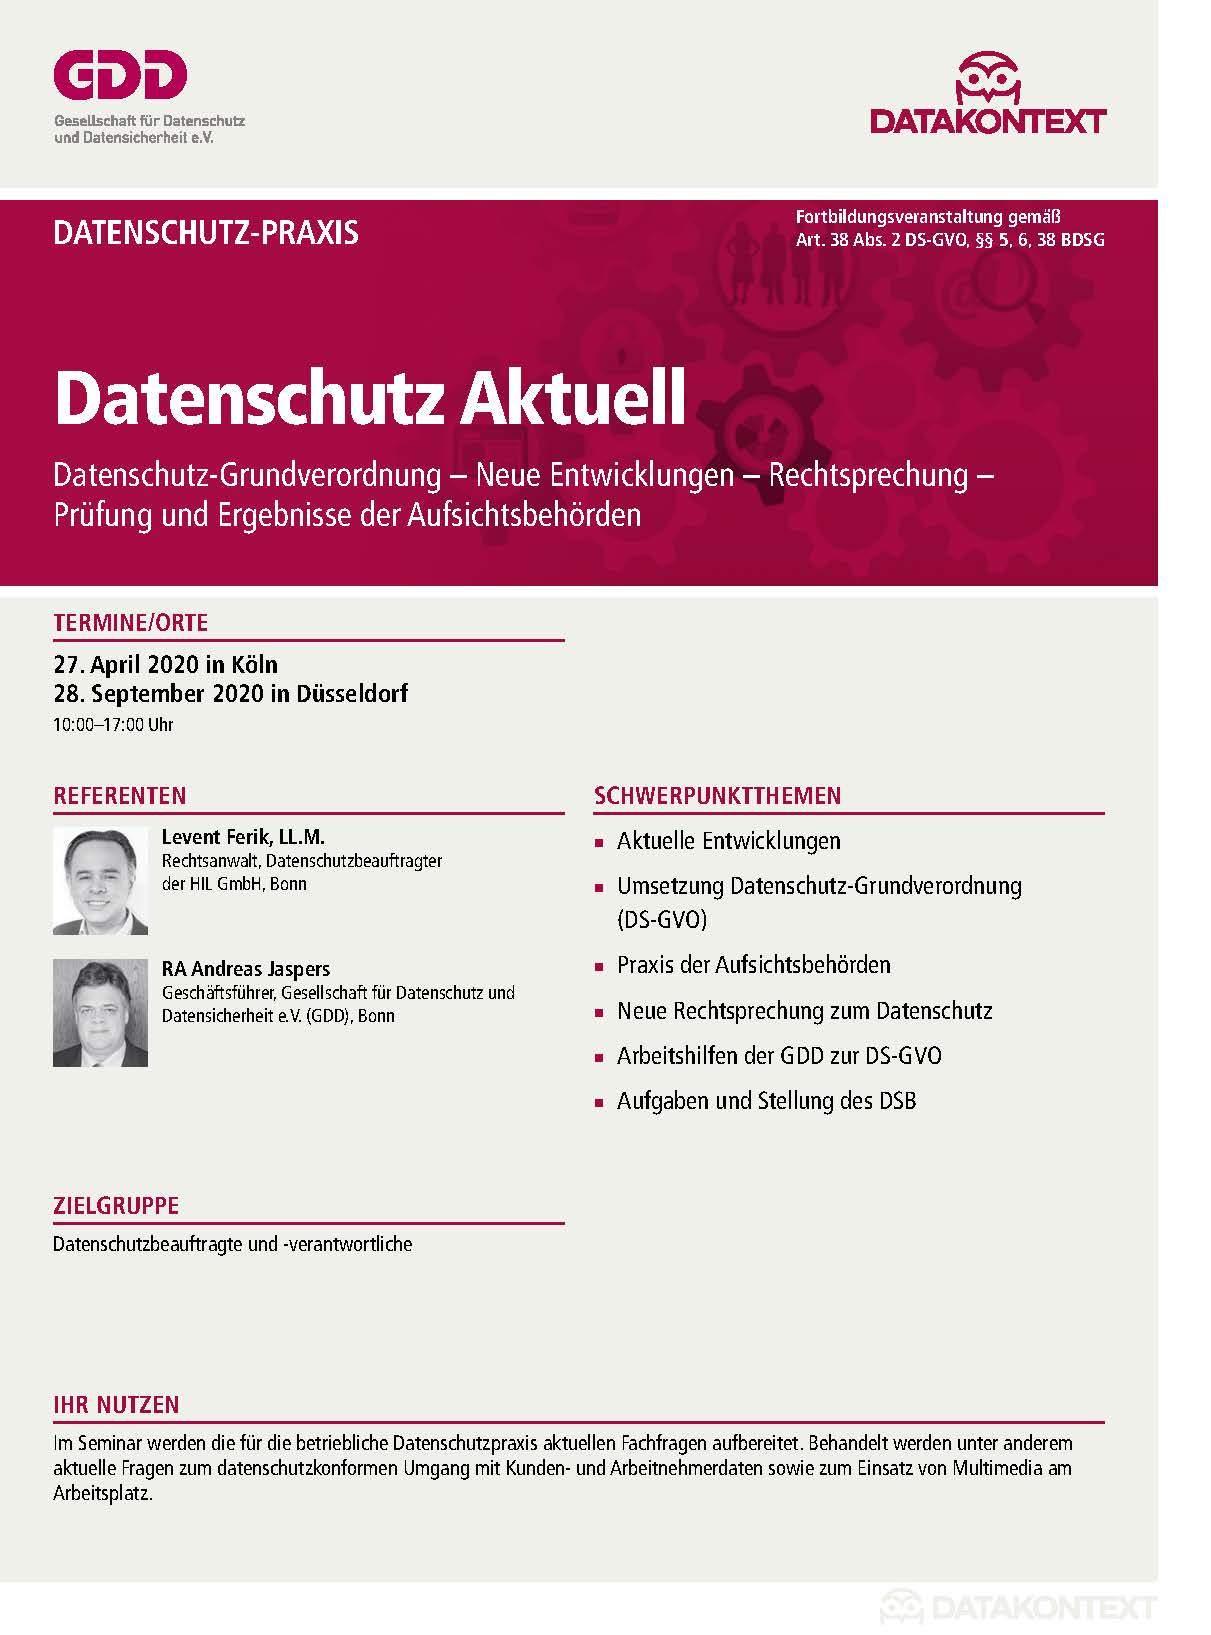 Datenschutz Aktuell 2019